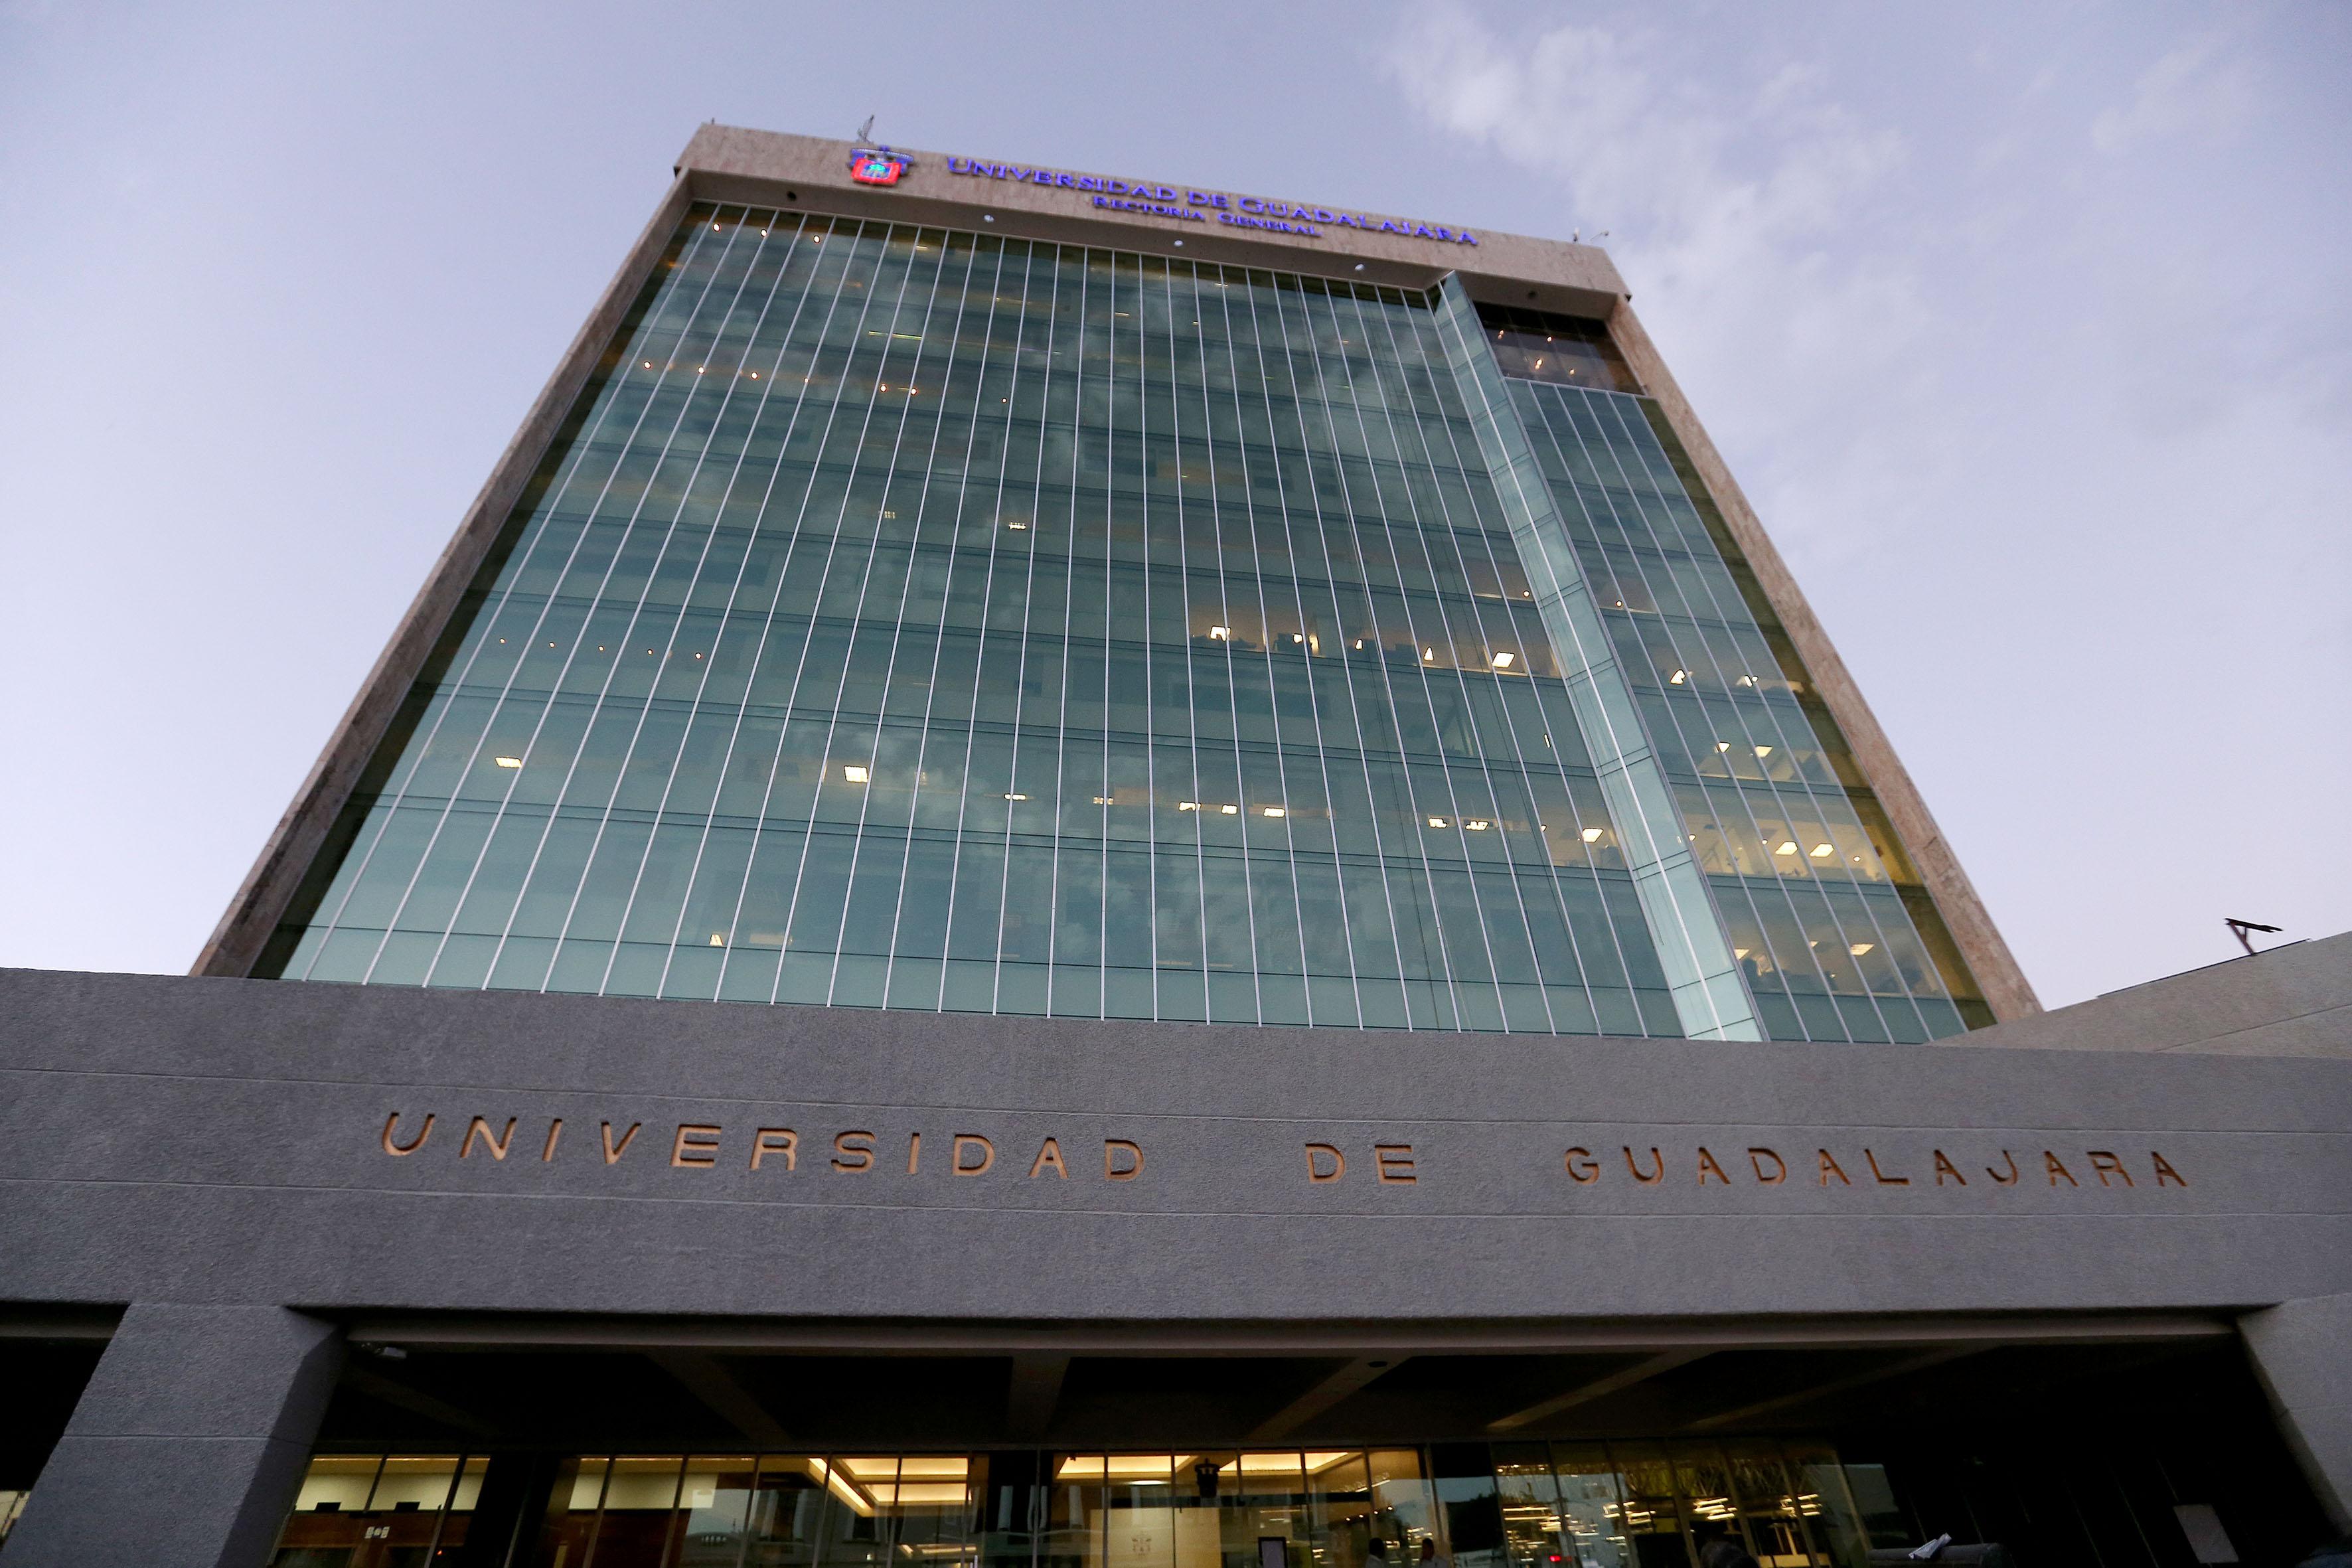 Edificio de la Rectoría de la Universidad de Guadalajara